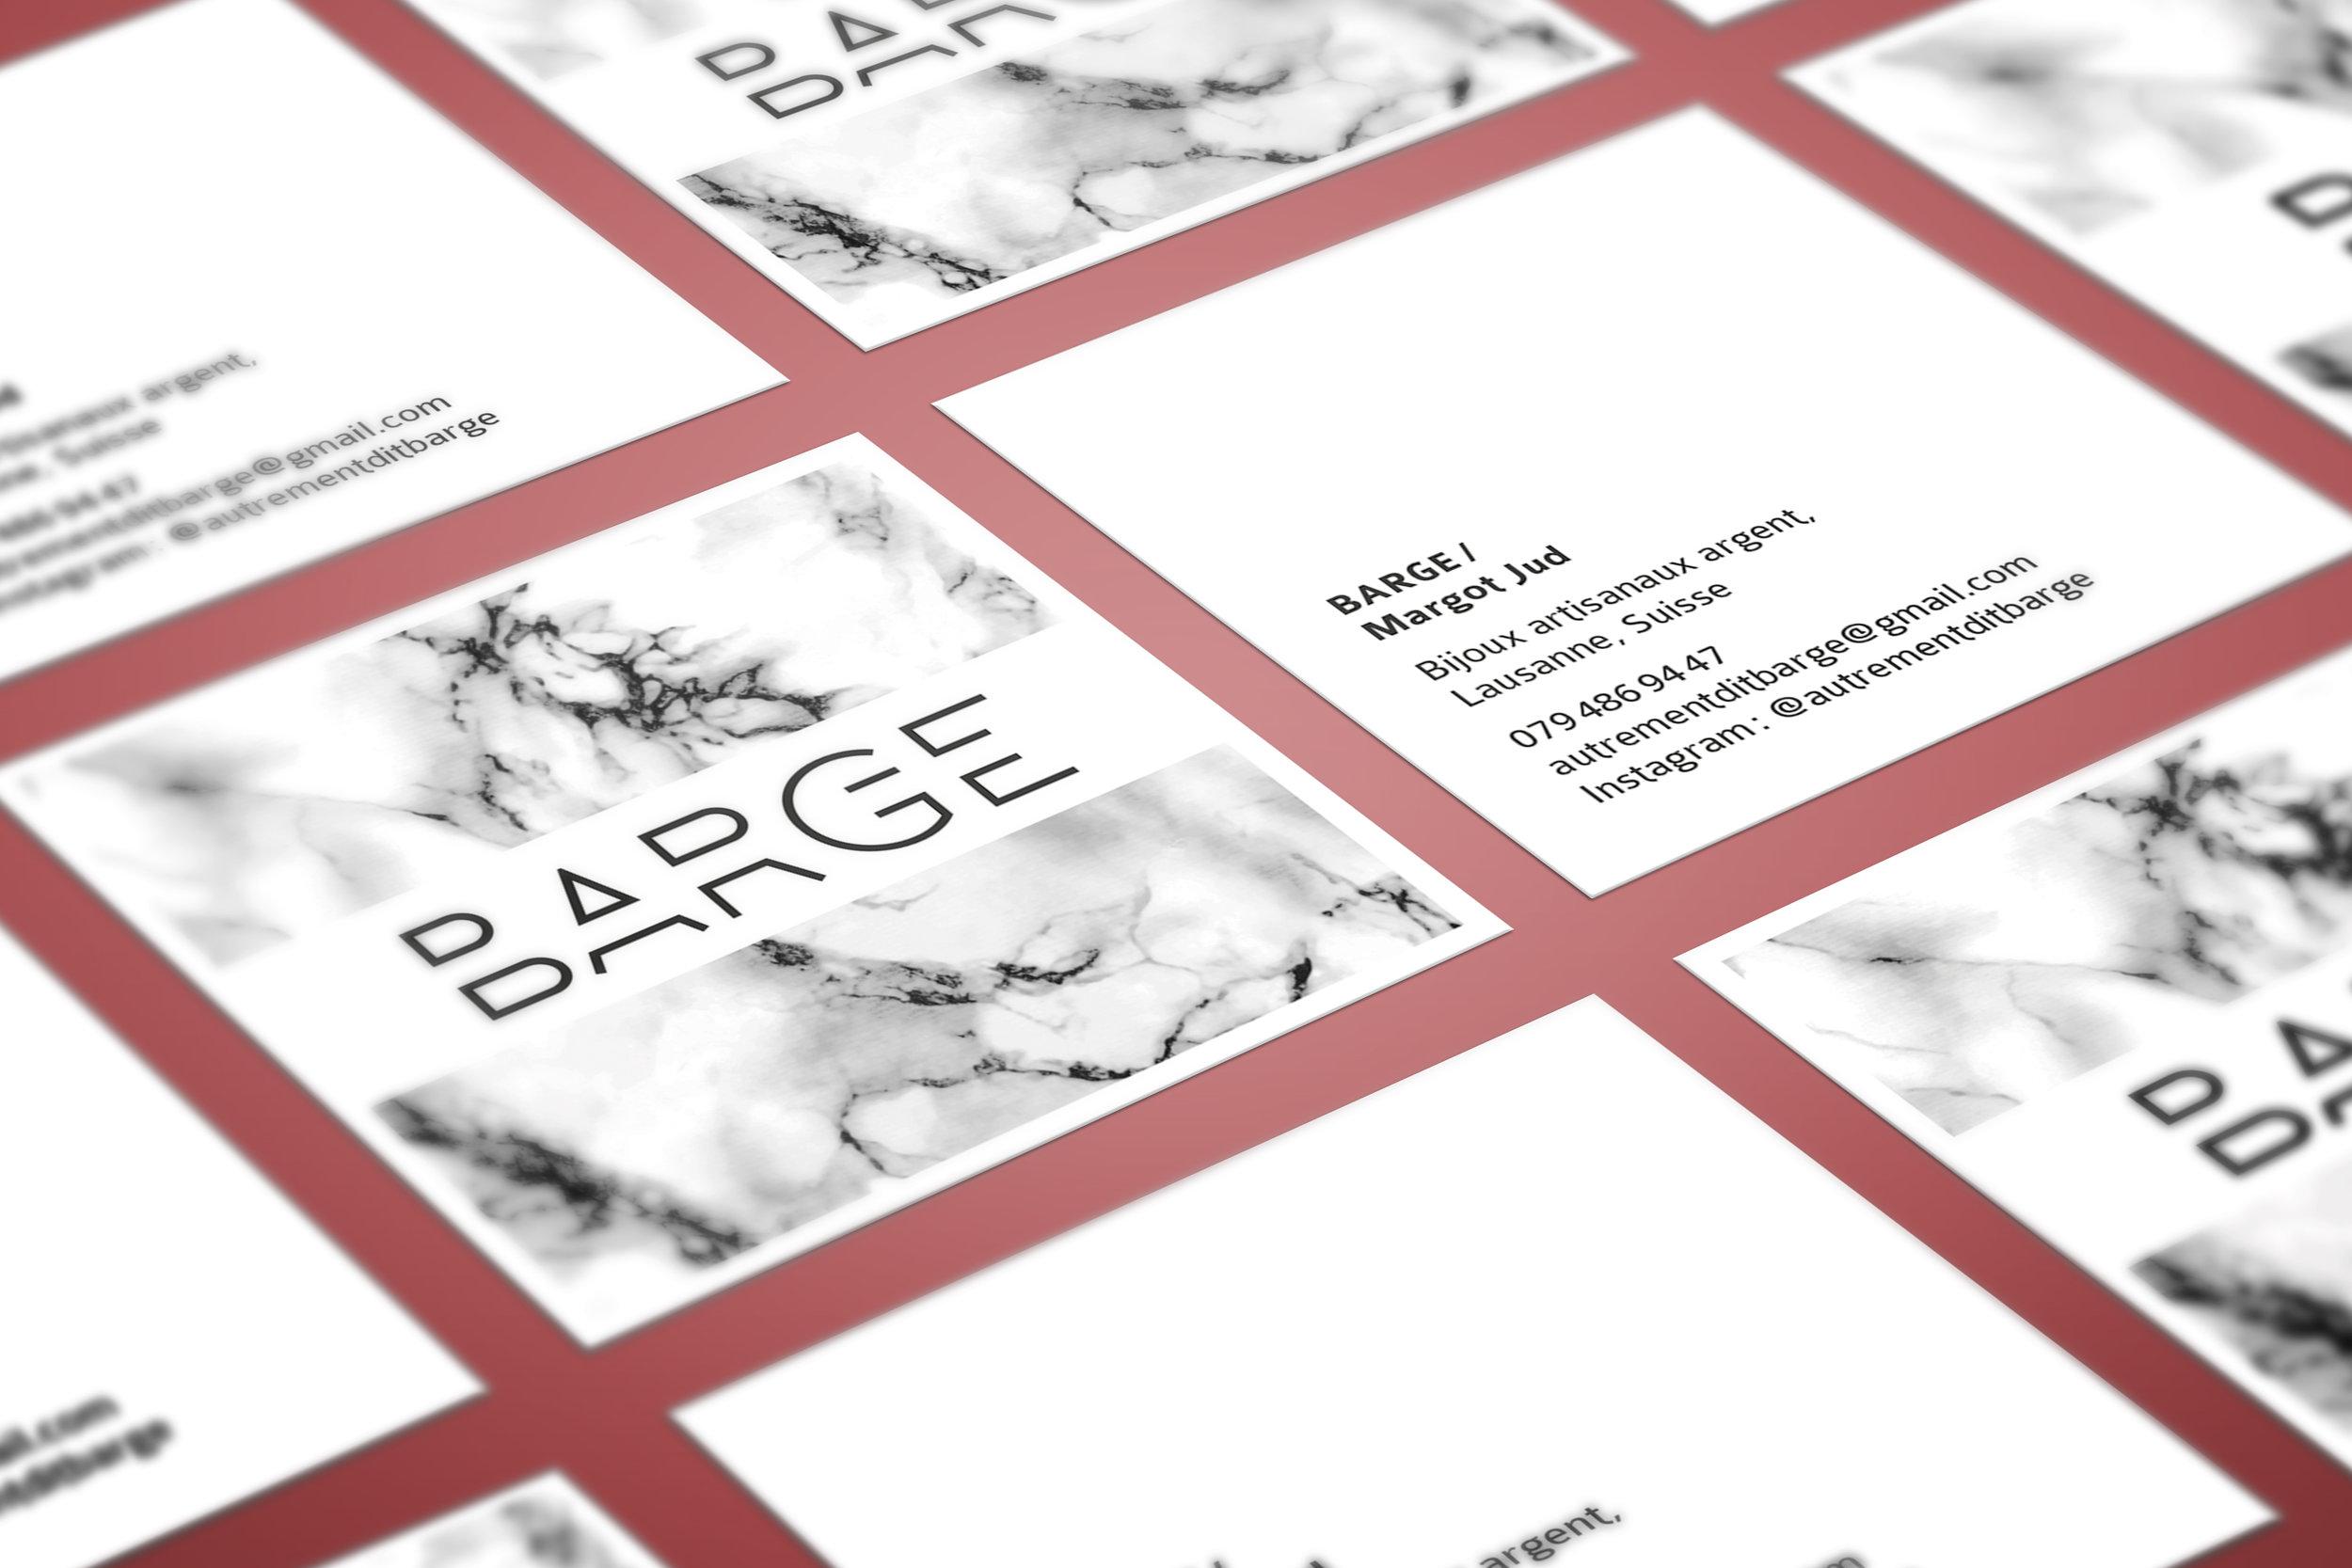 Anouck Sessa graphisme Lausanne Judski 05.jpg